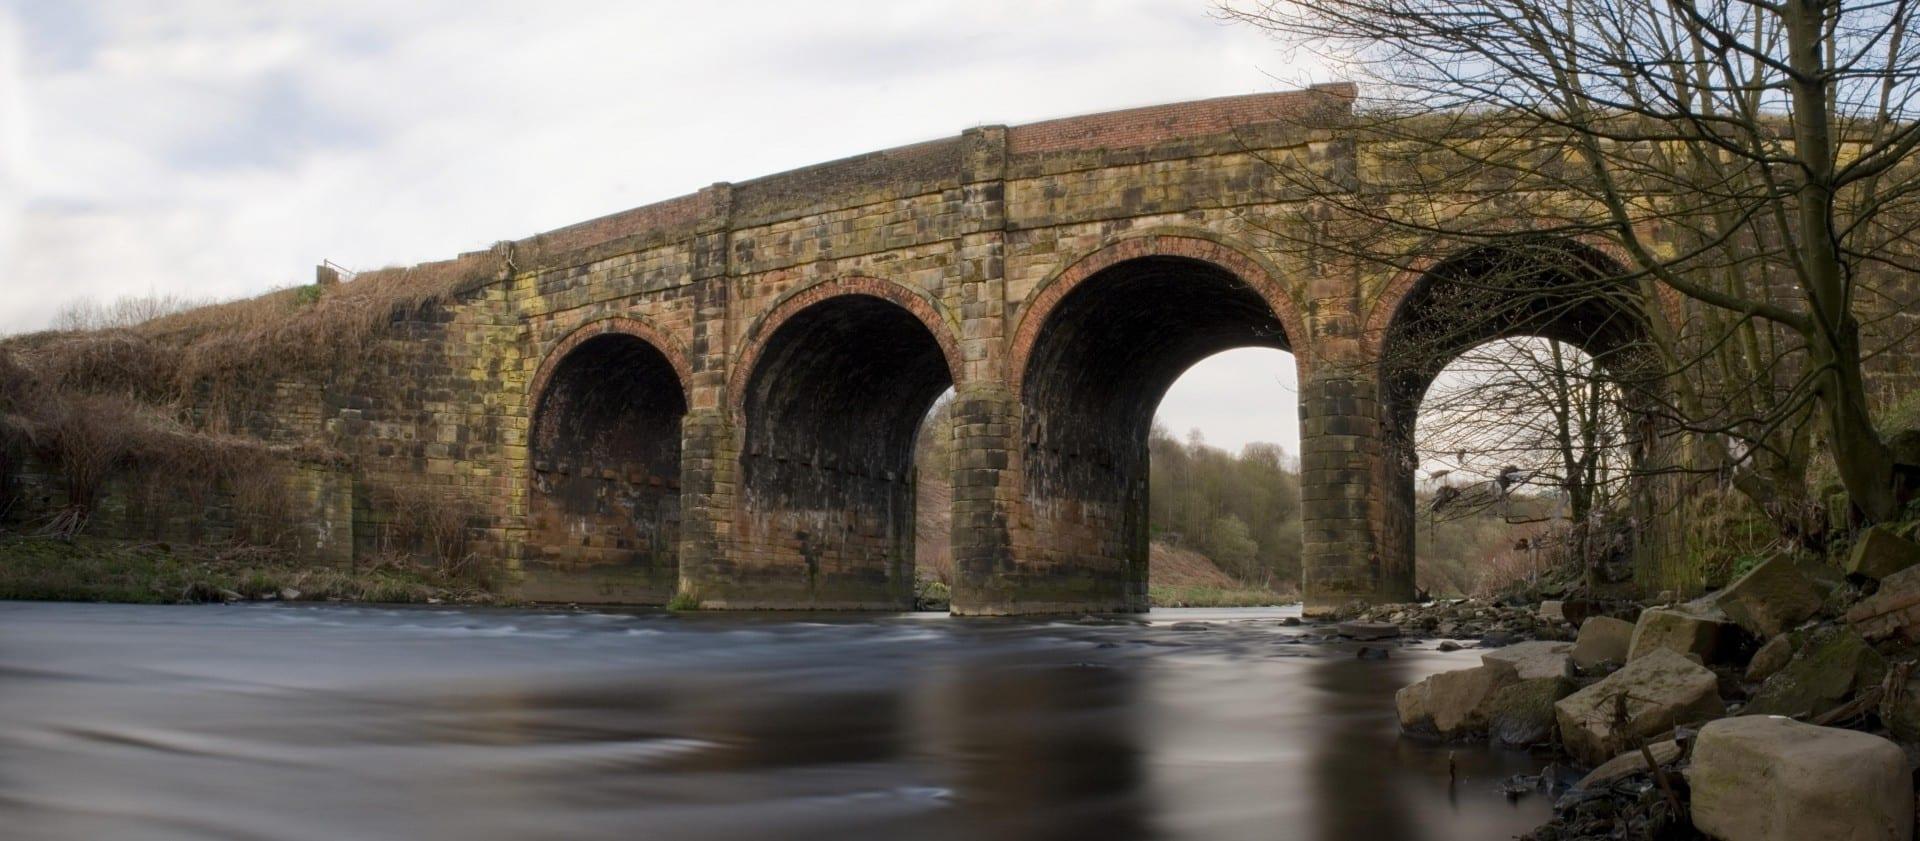 El Acueducto de Prestolee, una estructura de finales del siglo XVIII en Prestolee, Kearsley, Bolton Bolton Reino Unido